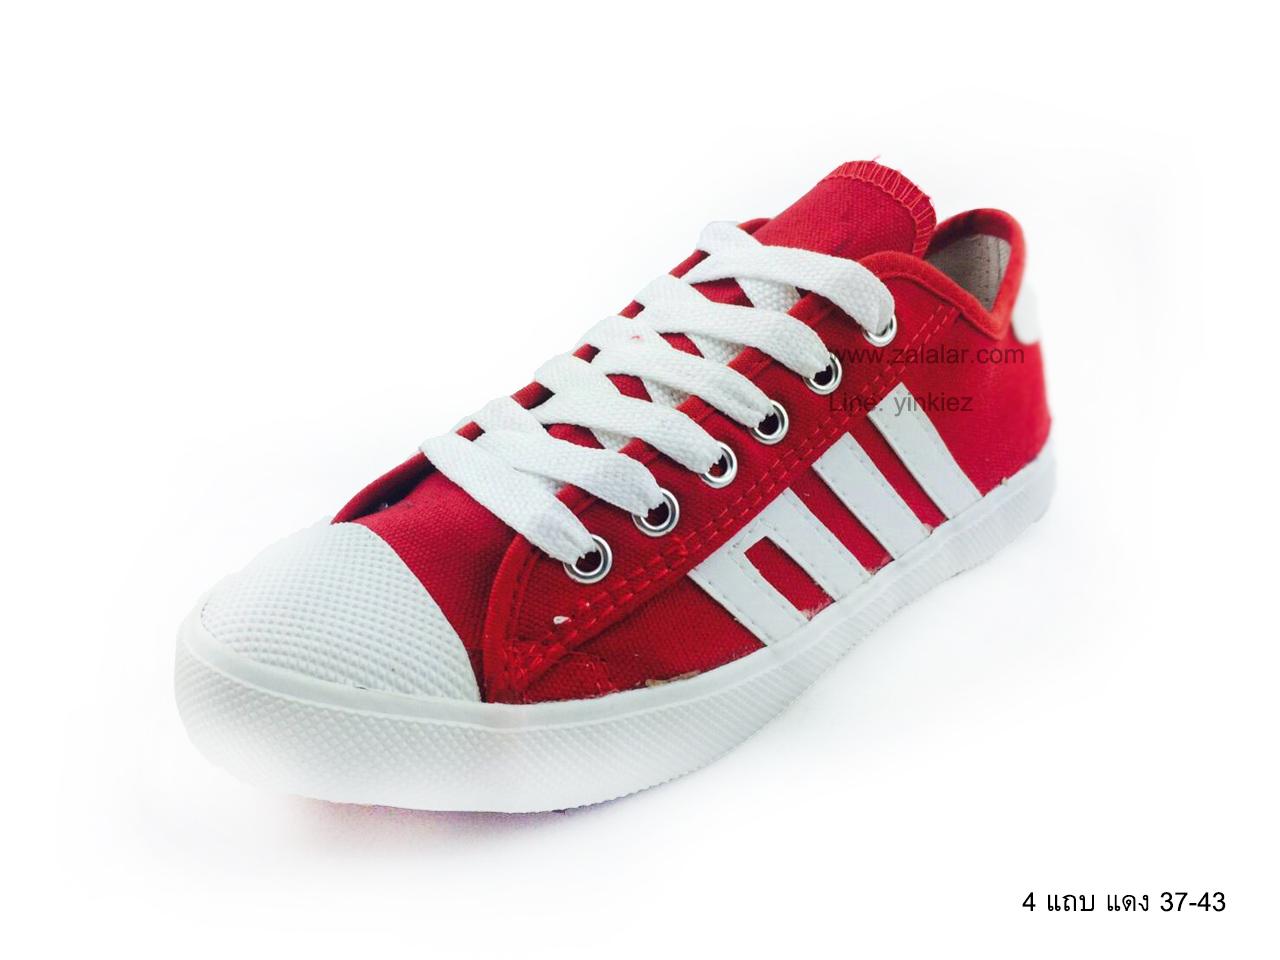 [พร้อมส่ง] รองเท้าผ้าใบแฟชั่น รุ่น 4 แถบ สีแดง